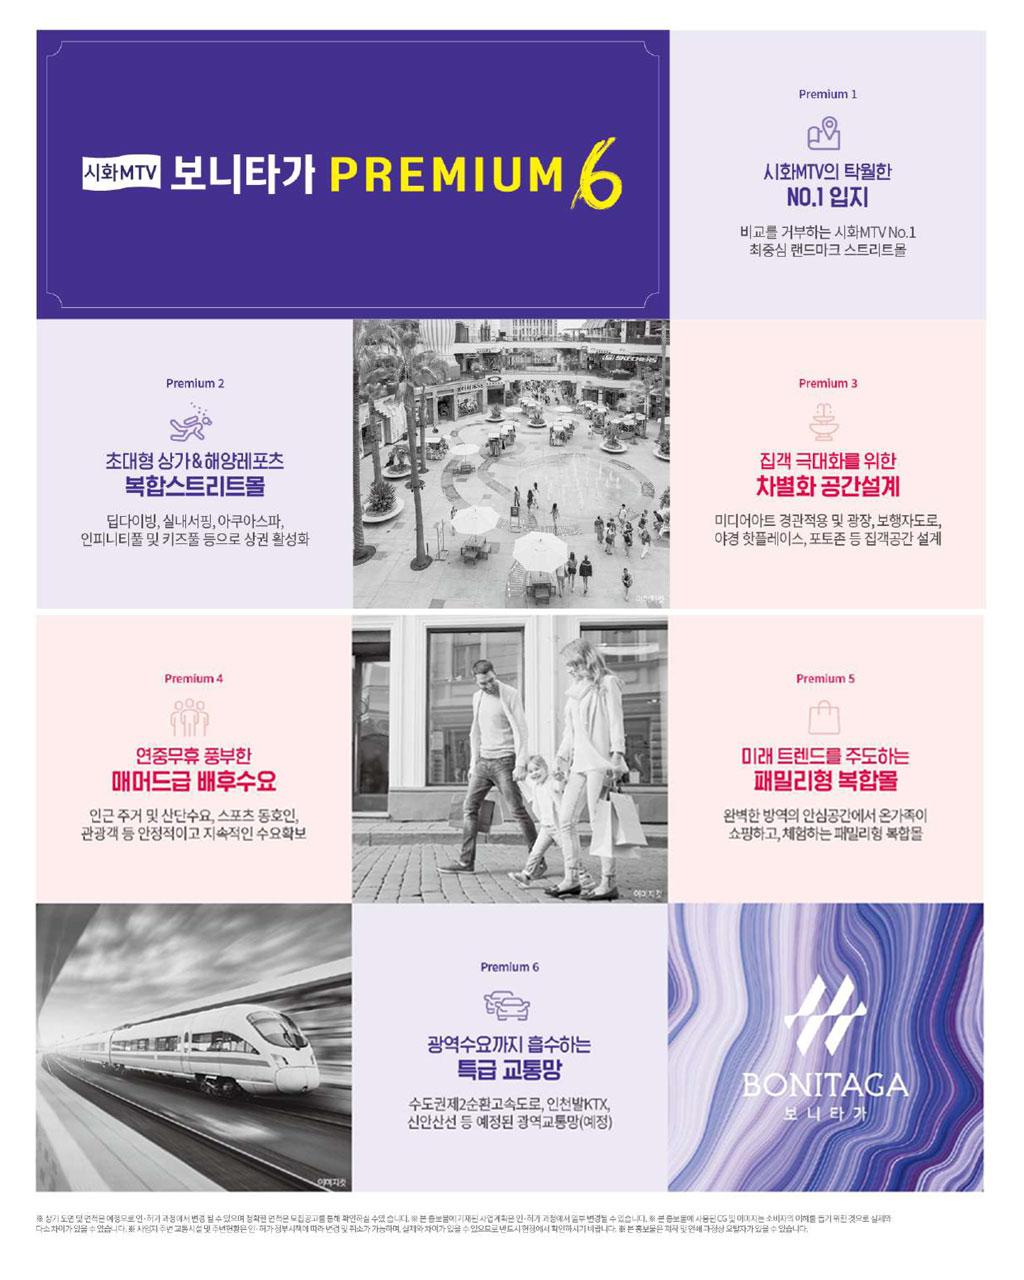 시흥-MTV-거북섬-보니타가-프리미엄.jpg